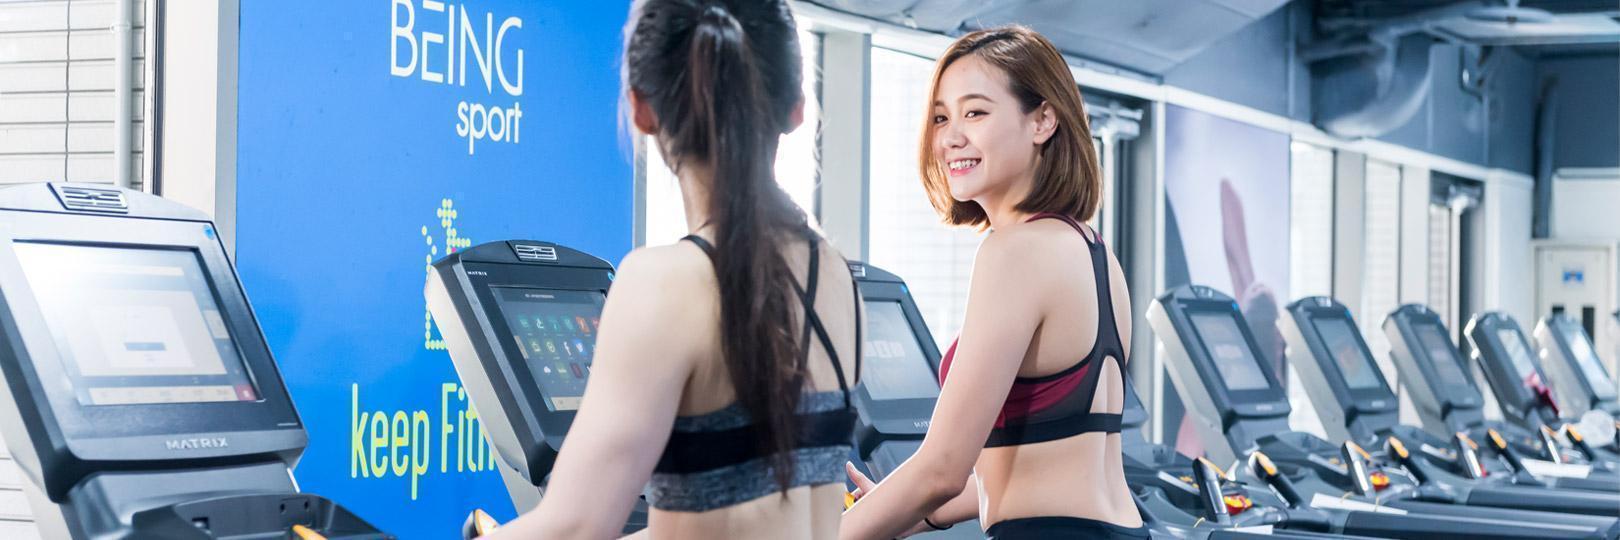 年轉腹肌趁現在 恢復有型好體態,健身房/瑜珈會館免費體驗!